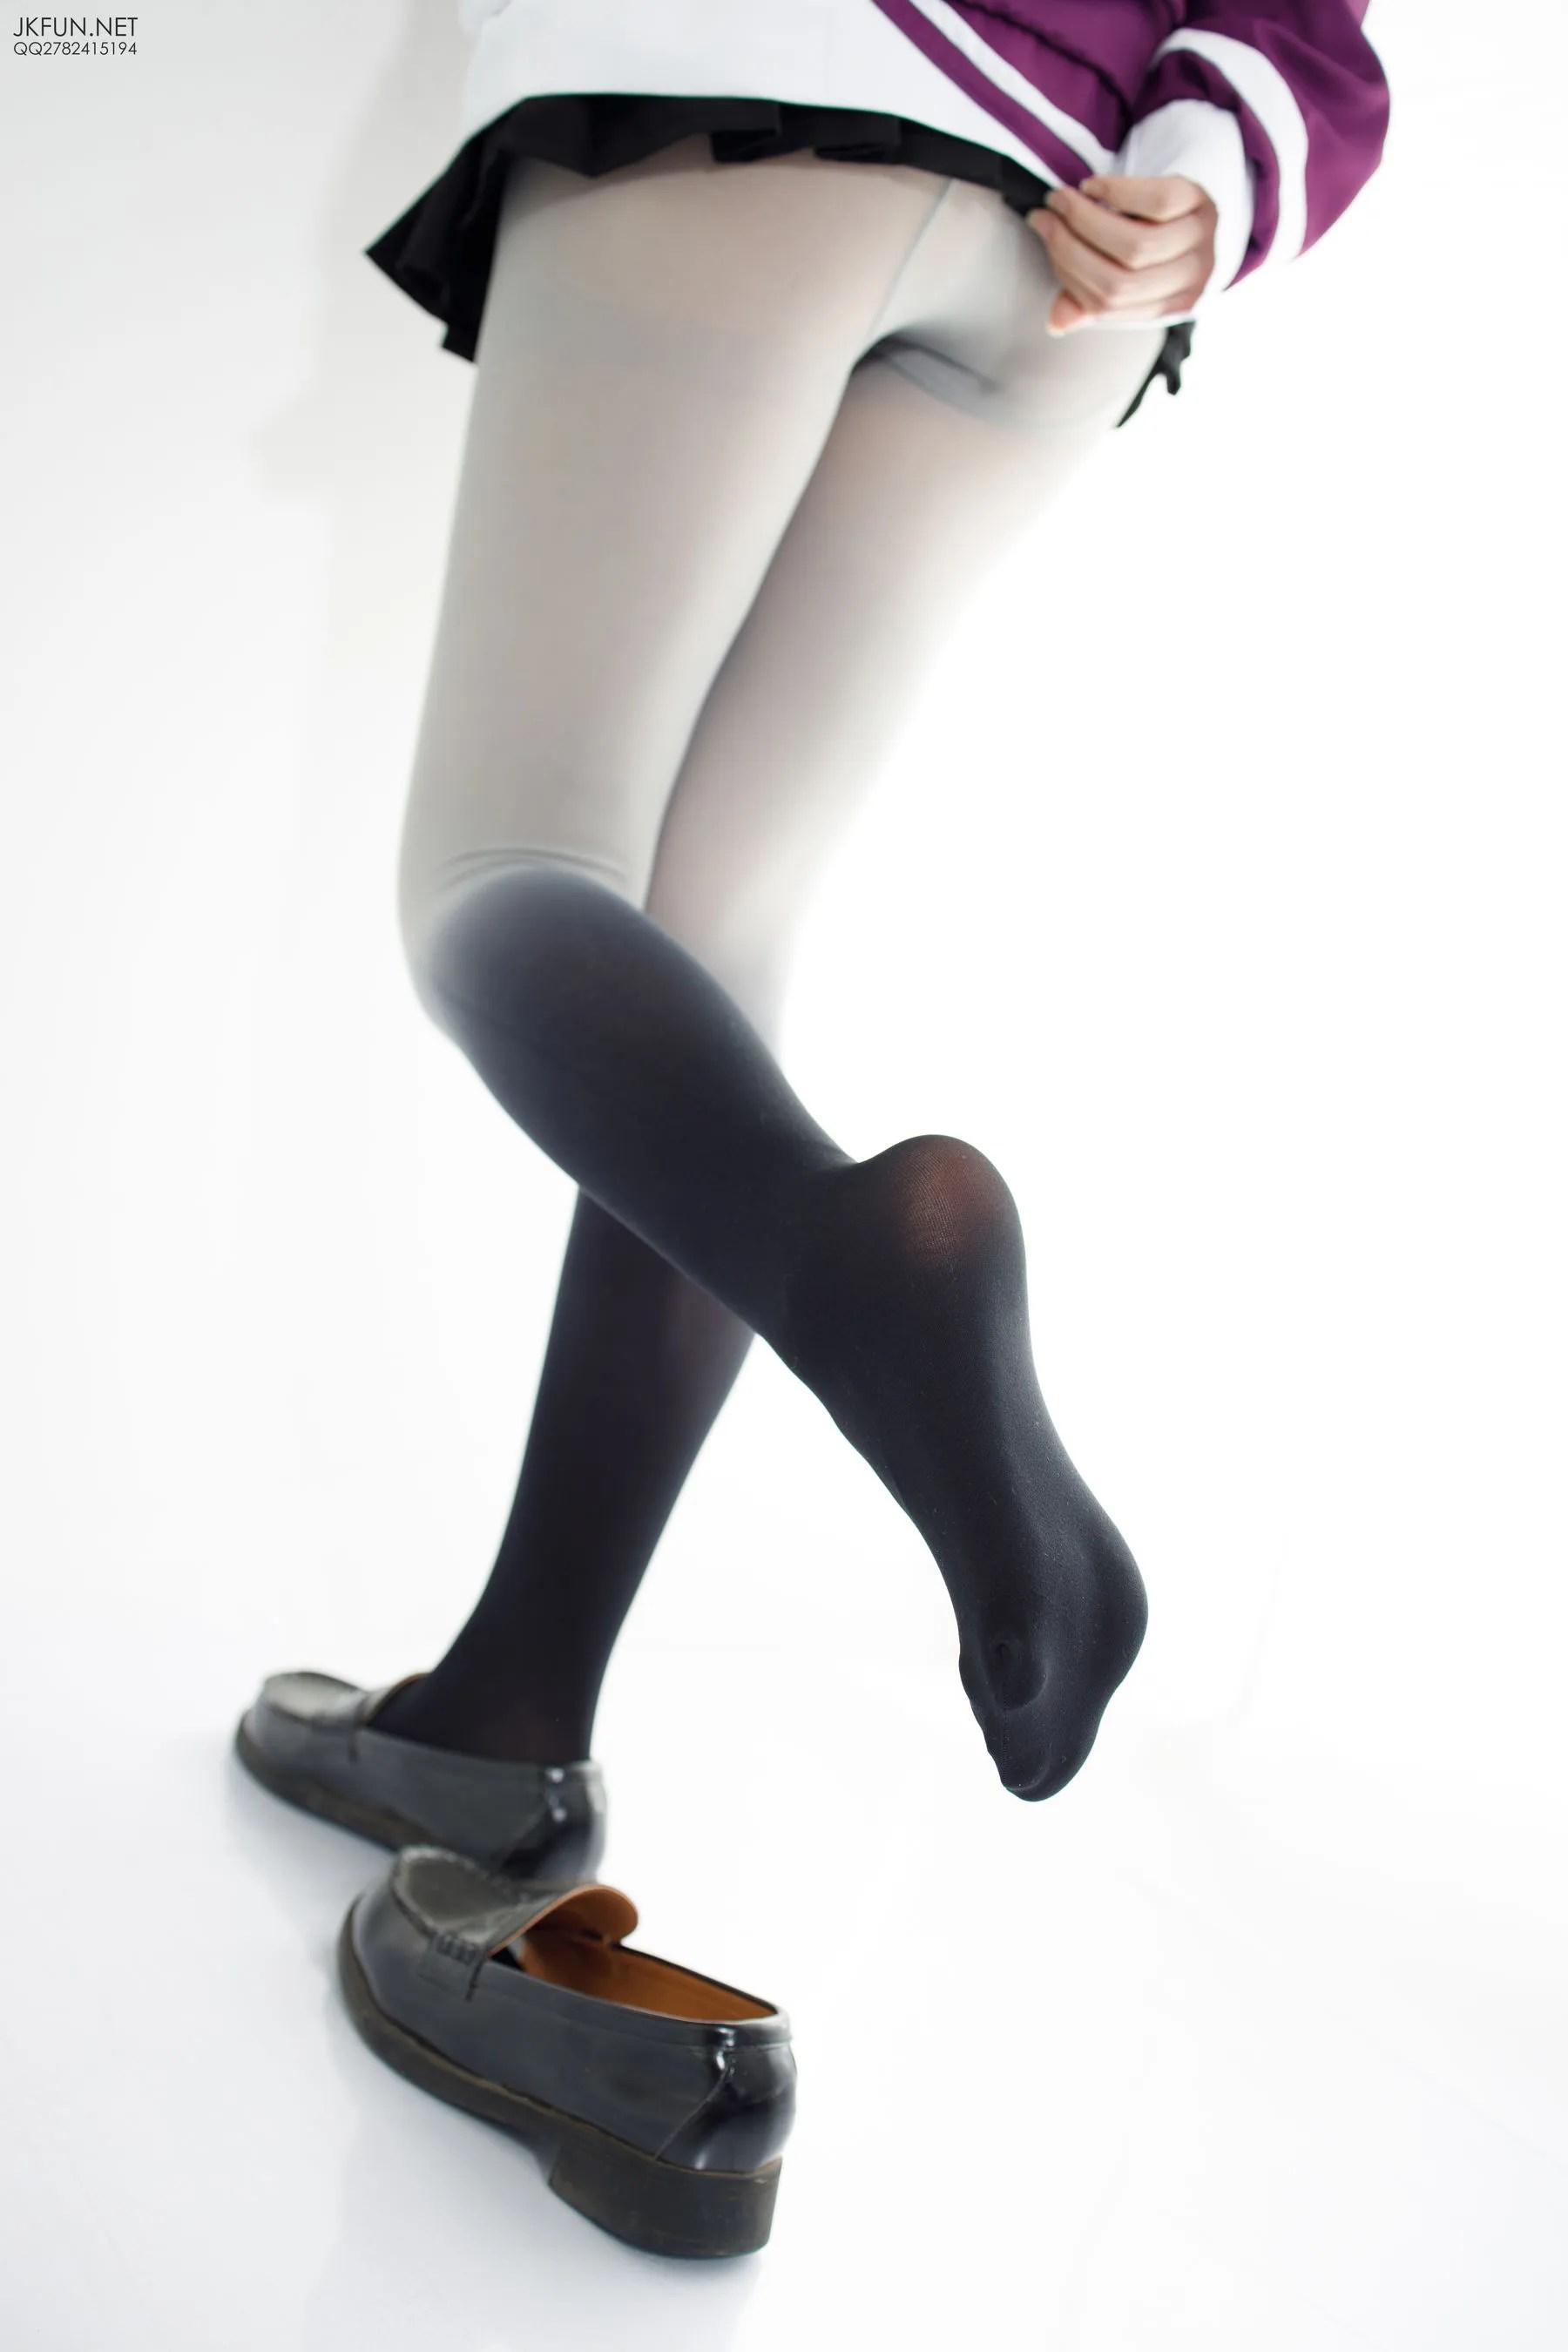 雪晴《COSPLAYER》 [森萝财团] JKFUN-004 写真集[123P]插图(11)